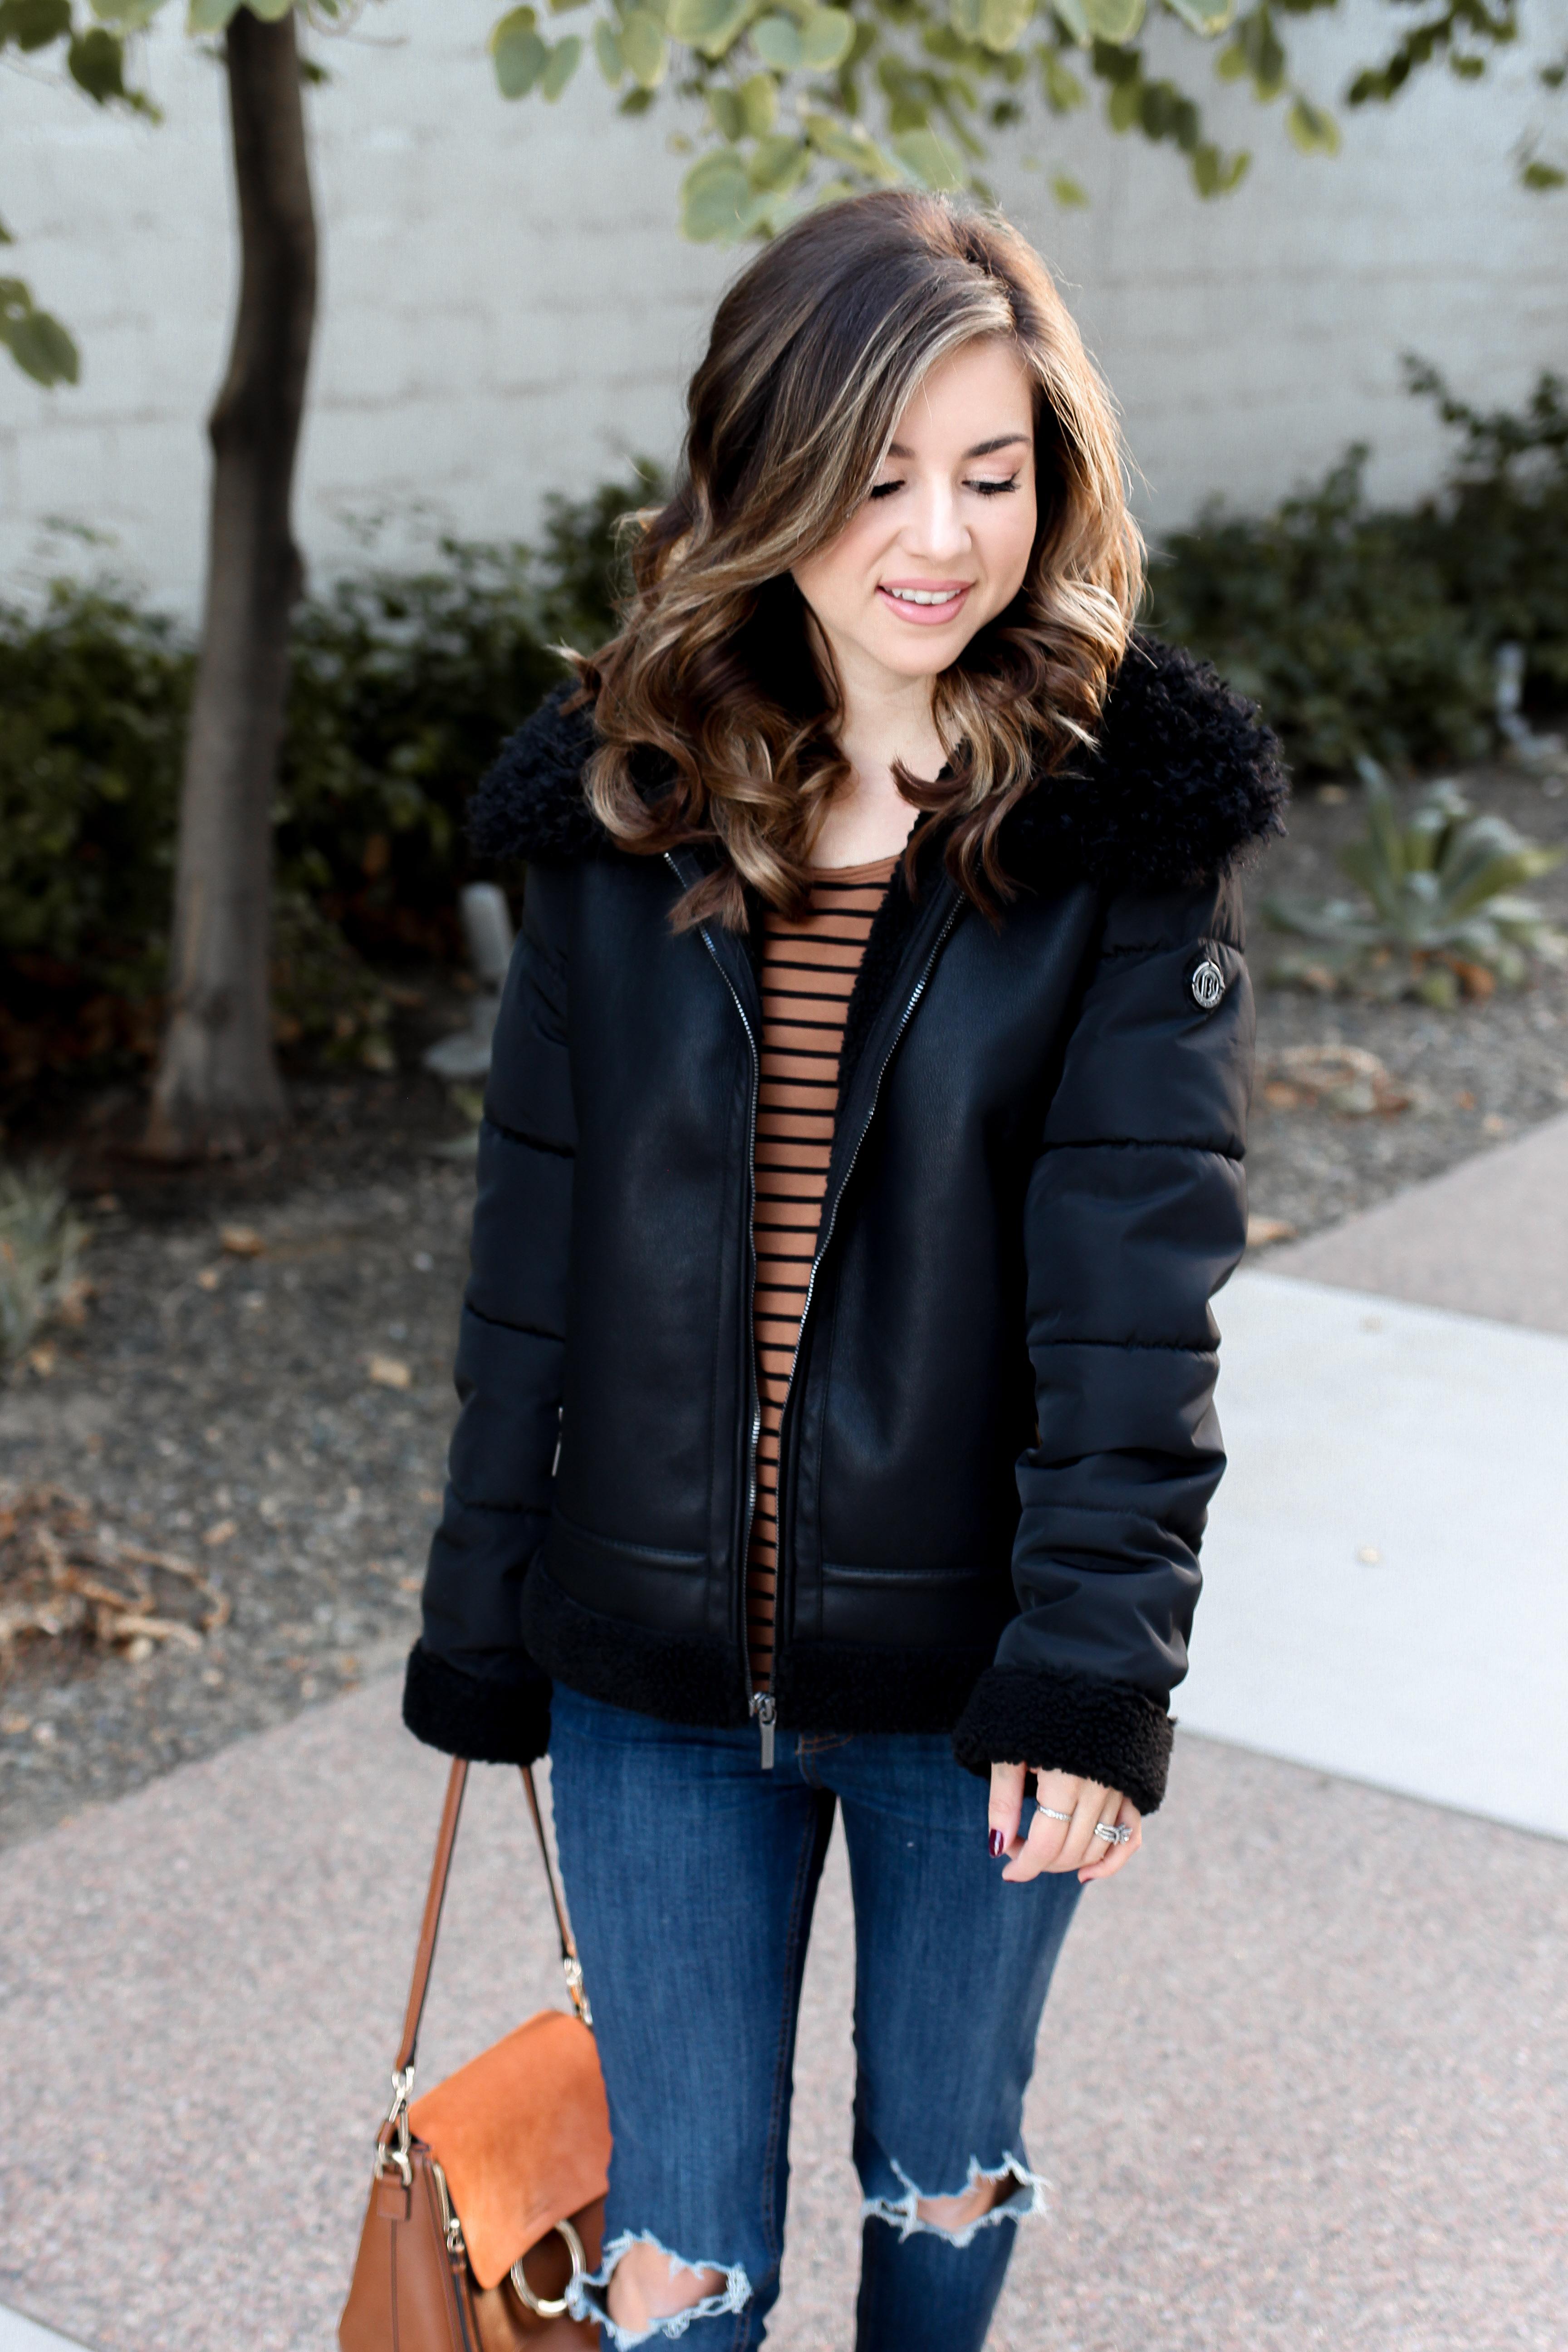 shearling jacket - bernardo - faux shearling - shearling outfit - casual outfits for fall